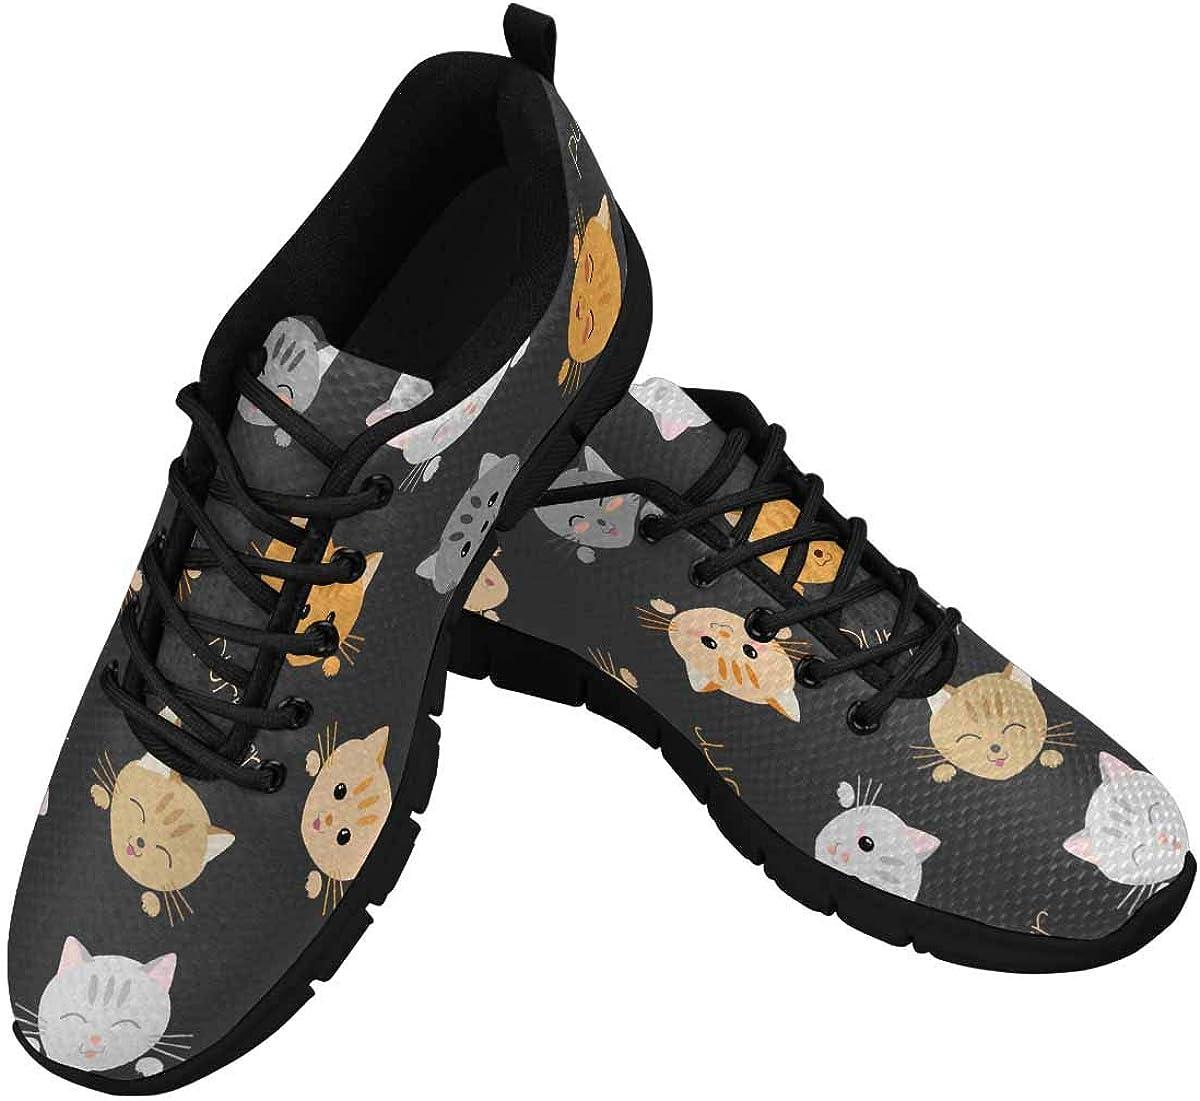 InterestPrint Cute Cats Kawaii Joyful Pets Women's Tennis Running Shoes Lightweight Sneakers